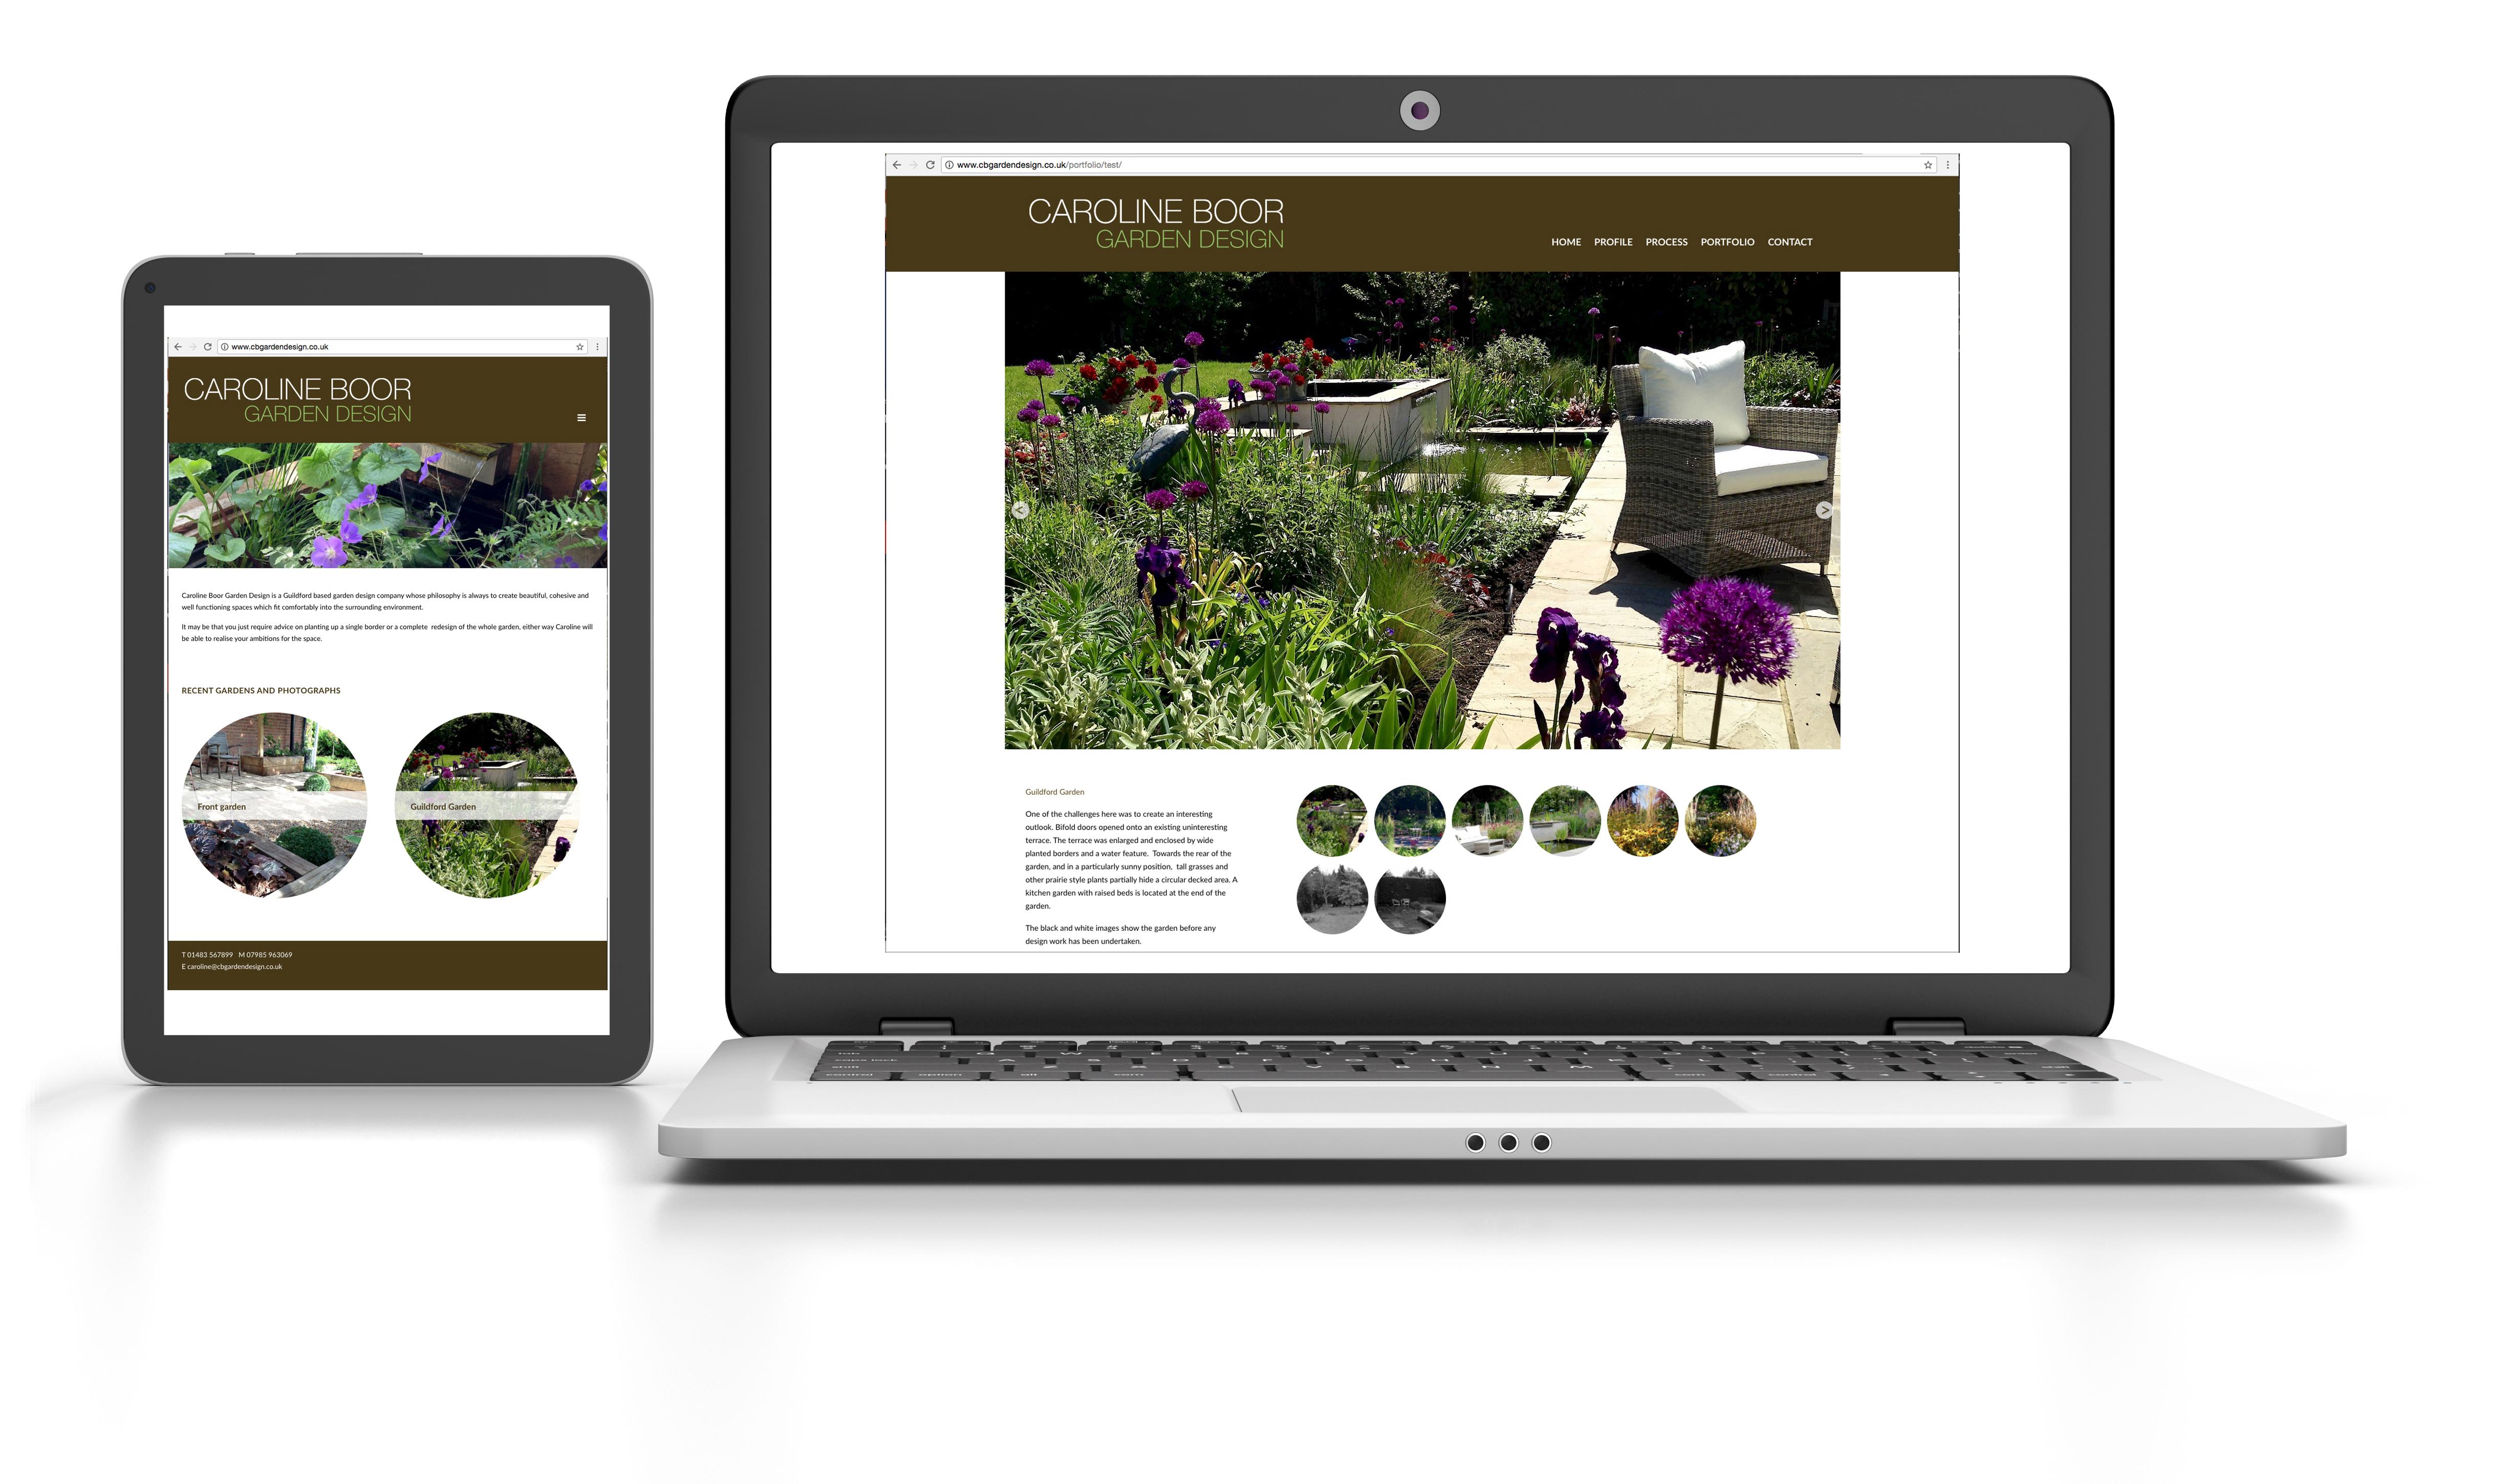 Caroline Boor Garden Design website